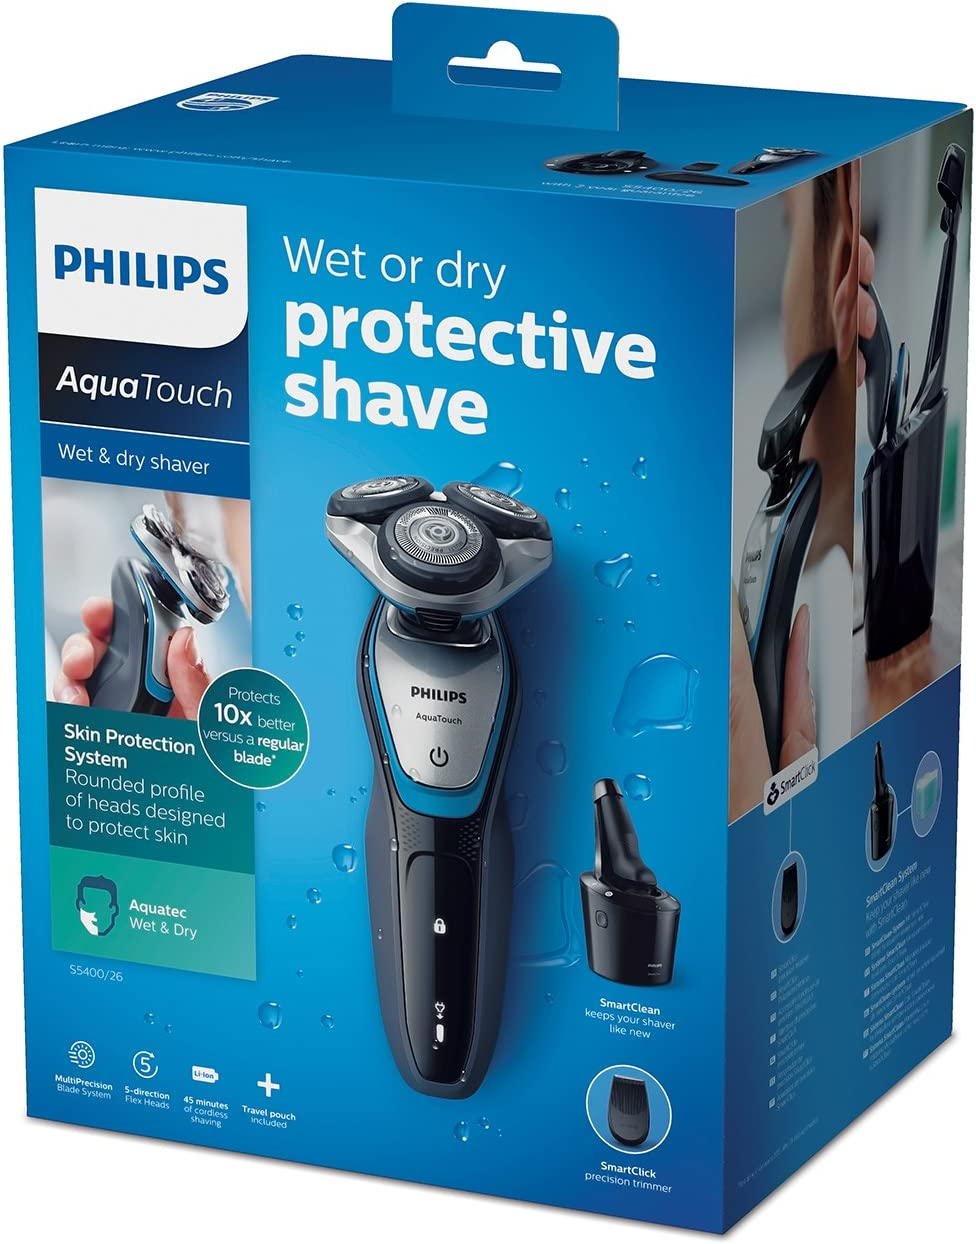 Philips S5400/26 AquaTouch húmedo y seco: Amazon.es: Salud y ...